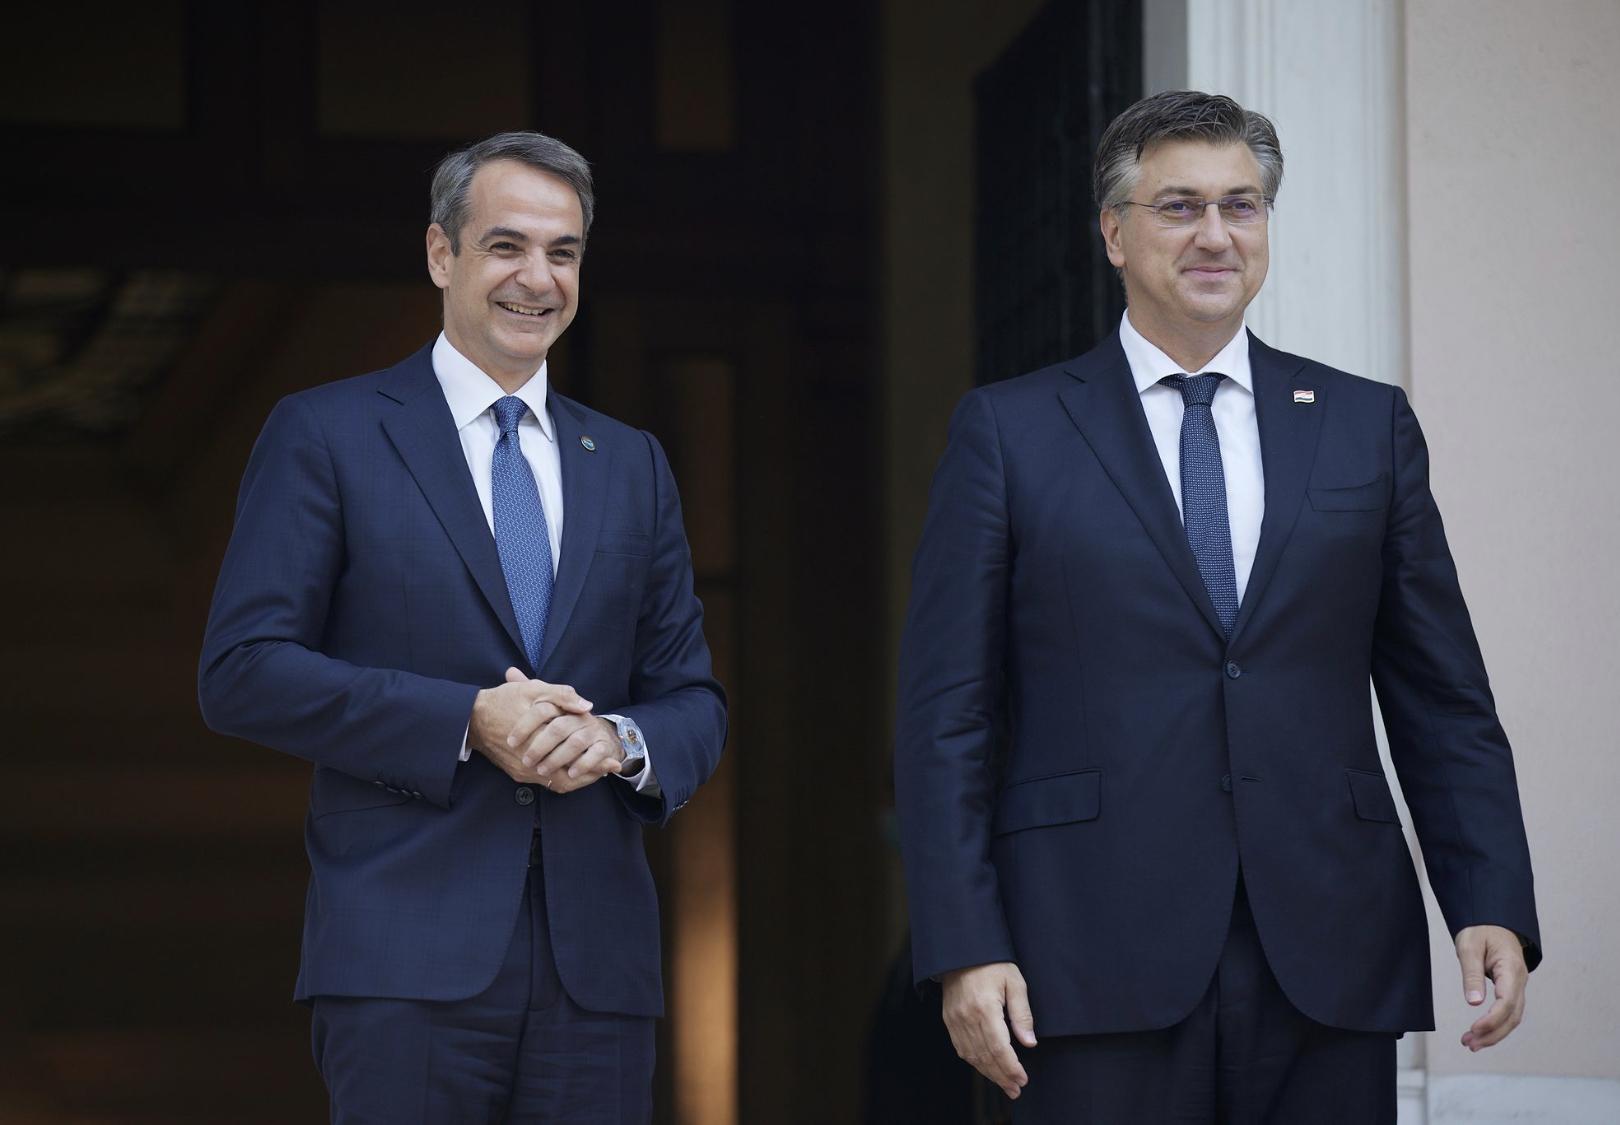 Grčki premijer Mitsotakis u Atini razgovarao sa hrvatskim premijerom Plenkovićem